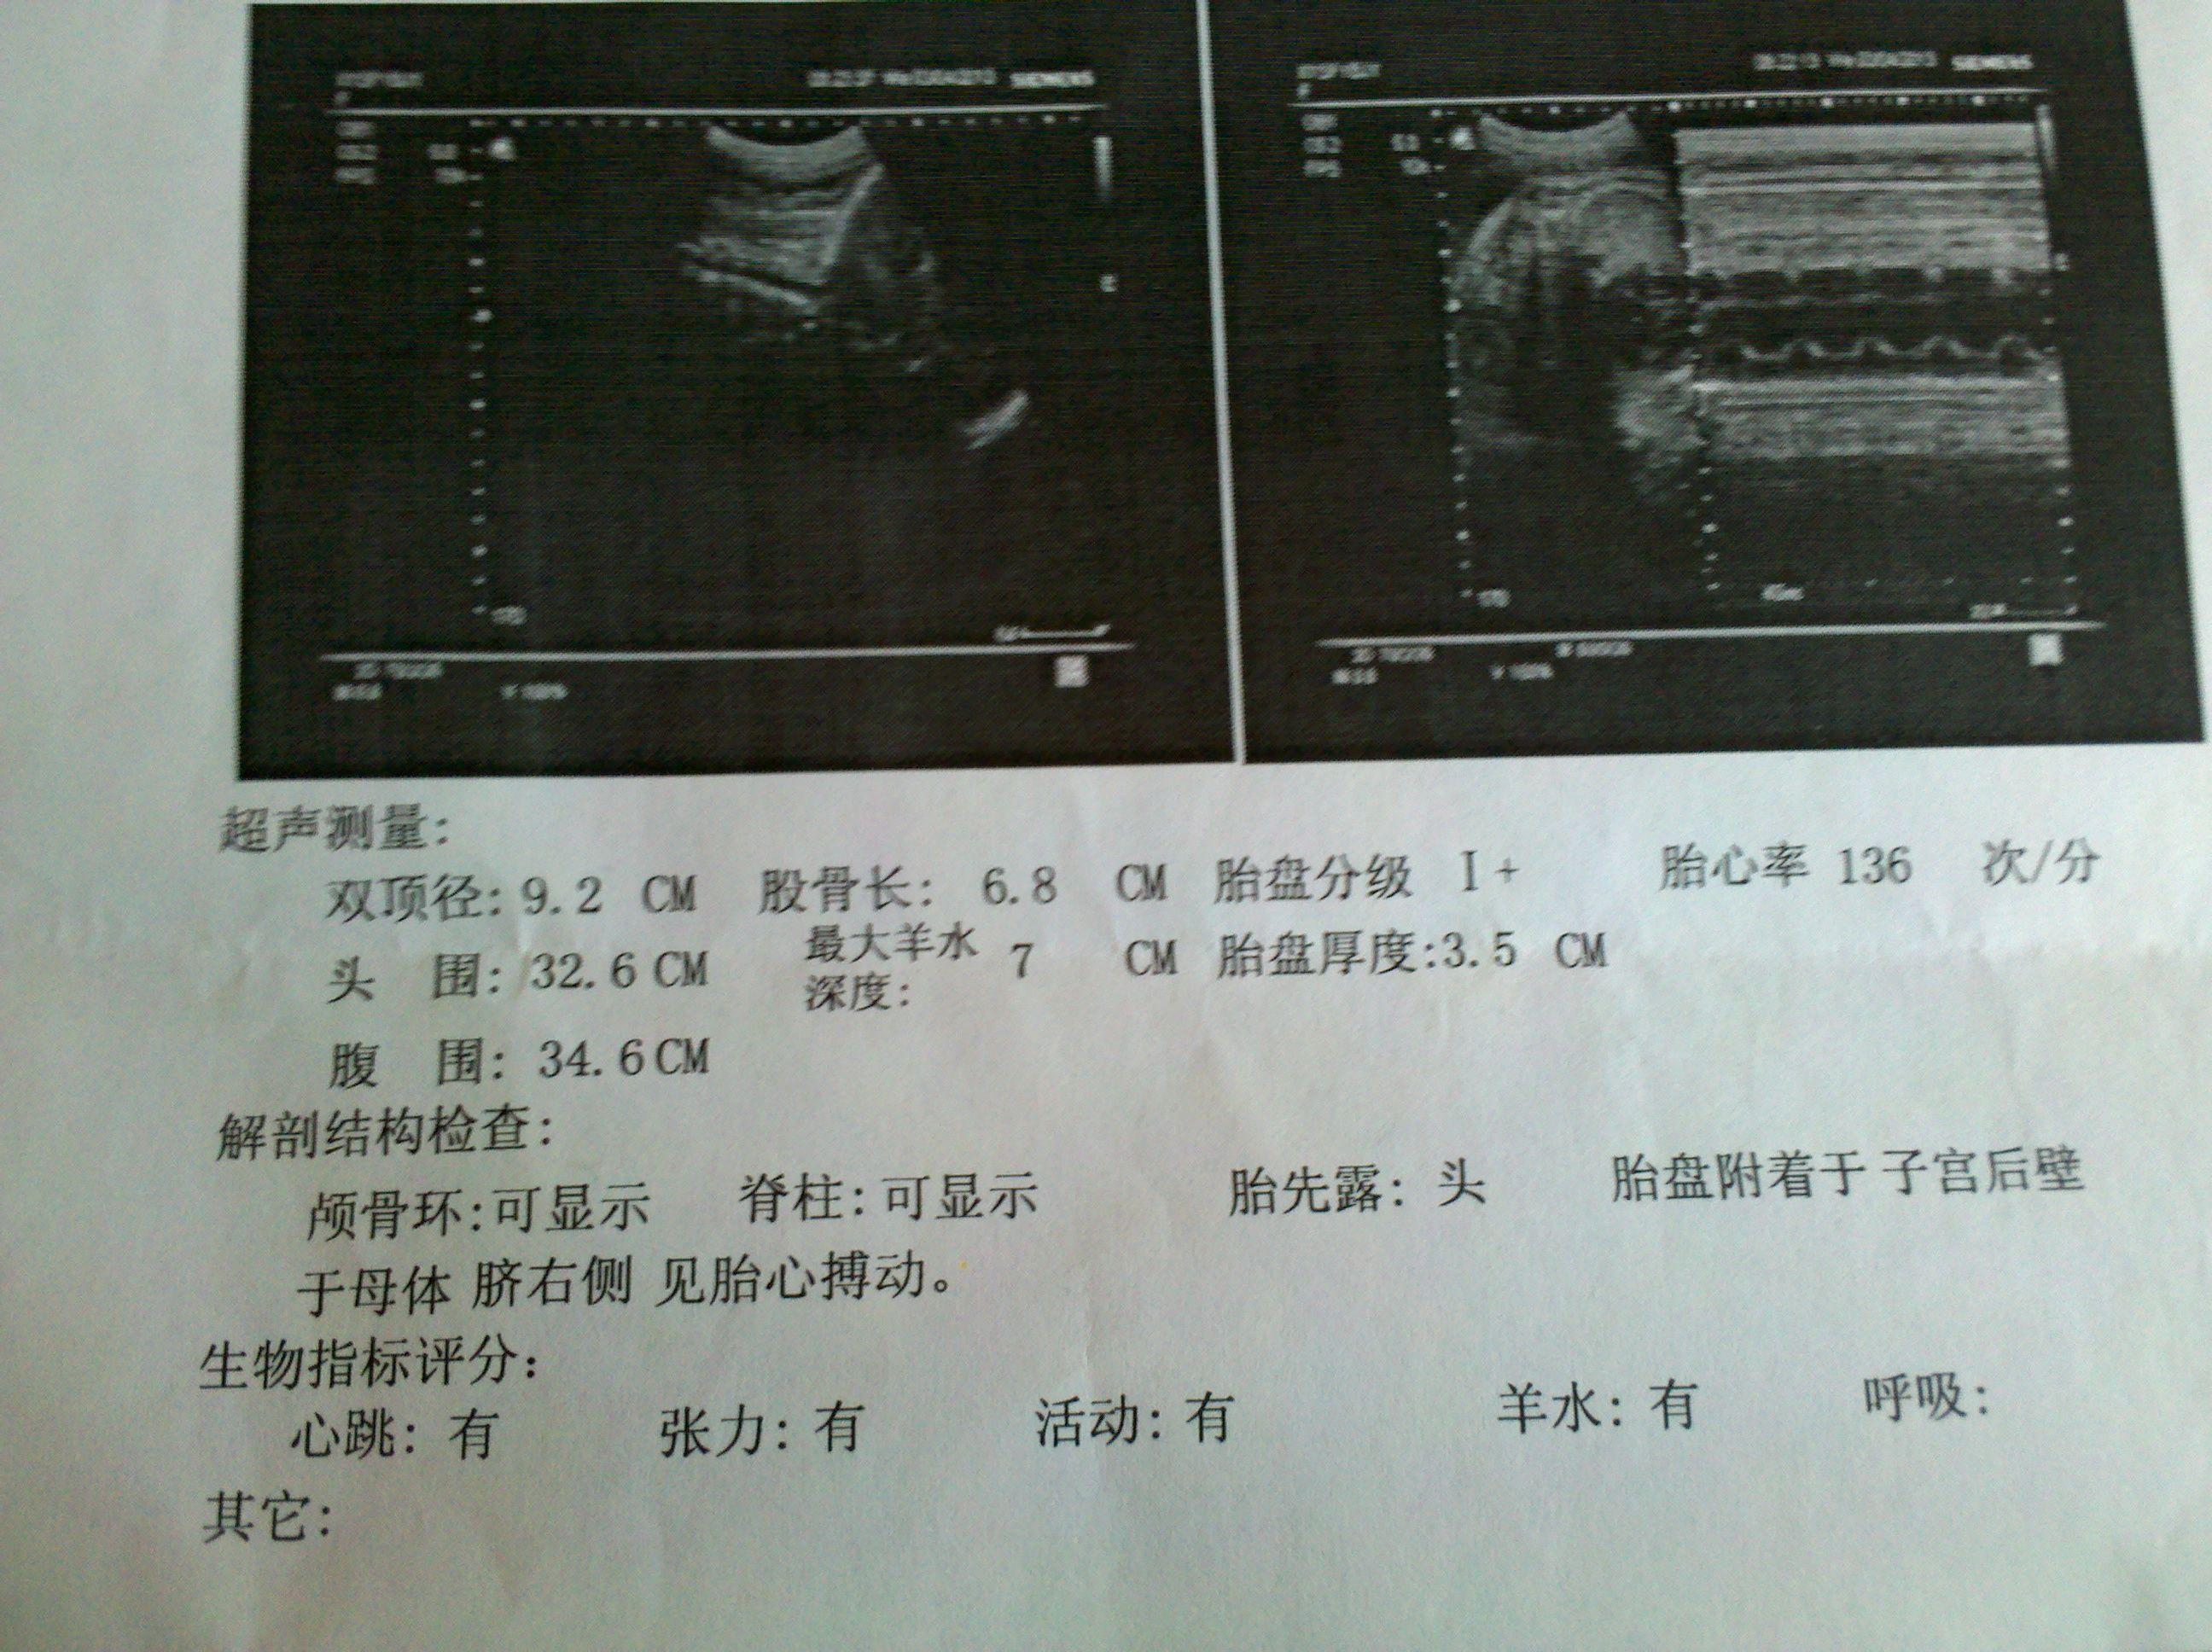 38周b超数据看男女_怀孕38周+4天左右做的B超,胎儿情况_百度知道